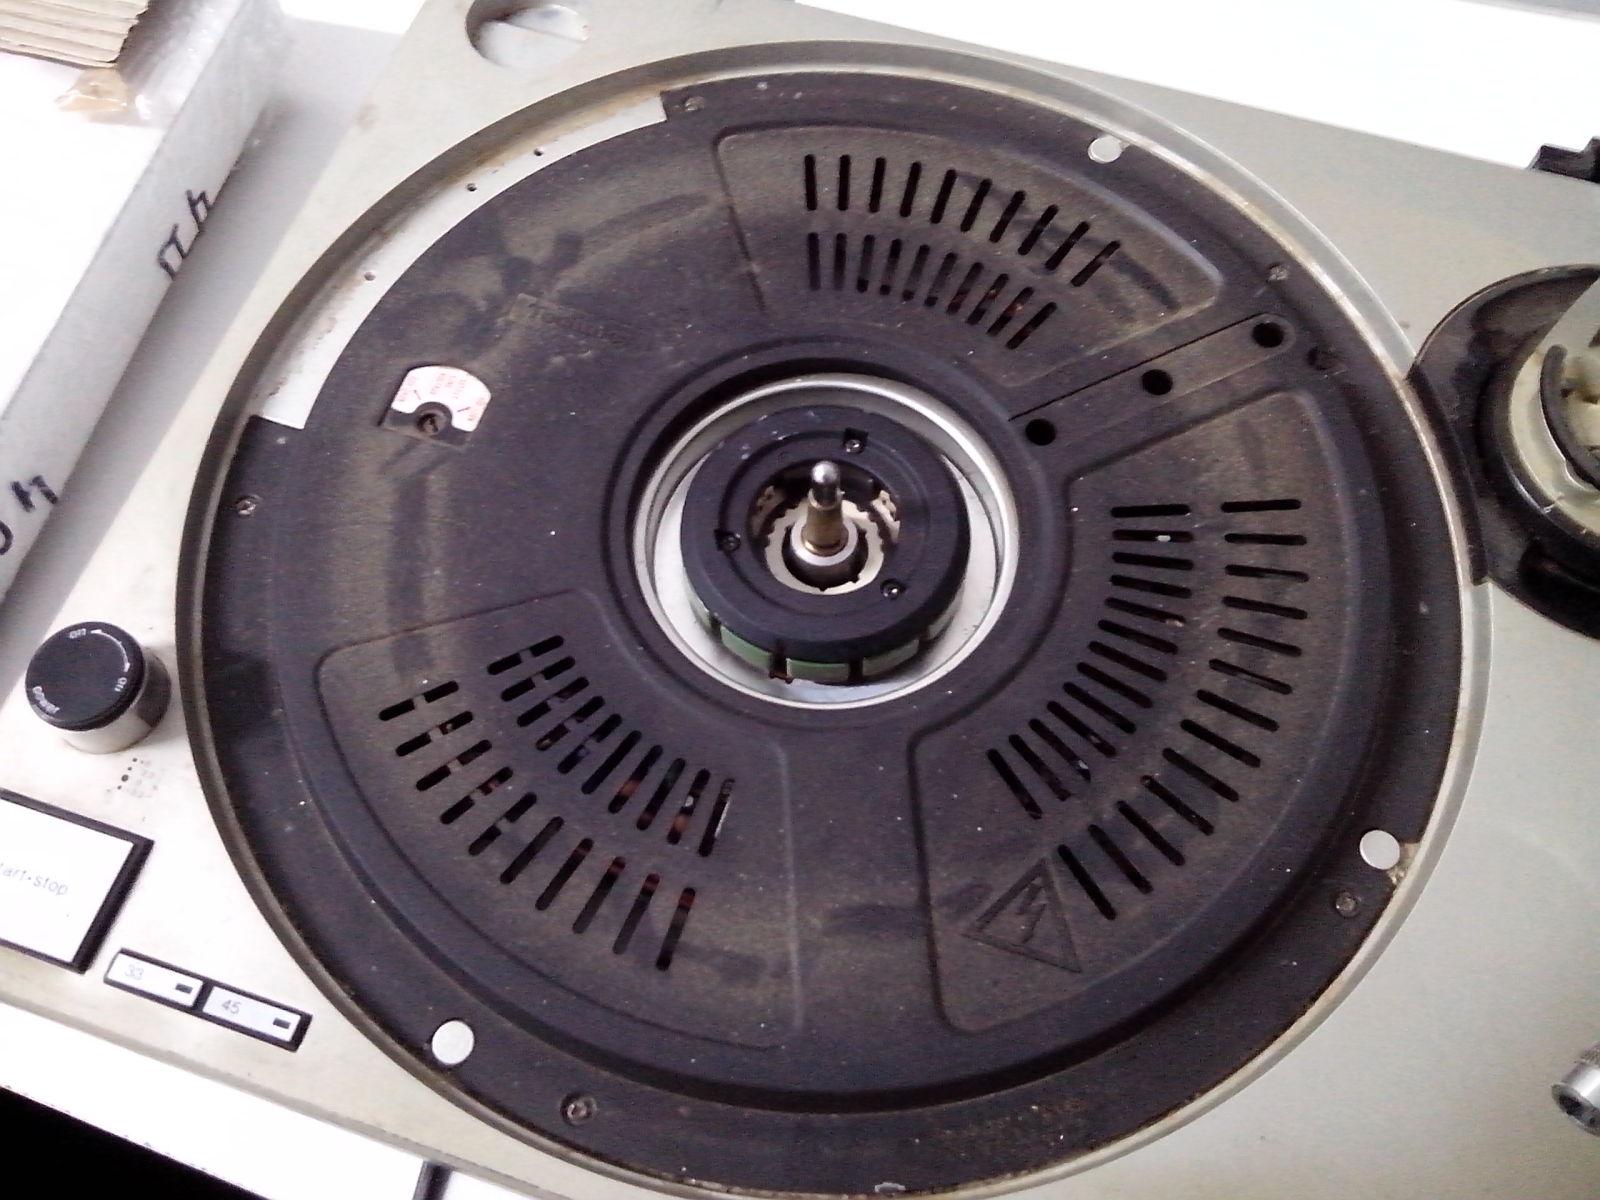 Restauración y mejora de un Technics SL1200 Rmjxxz